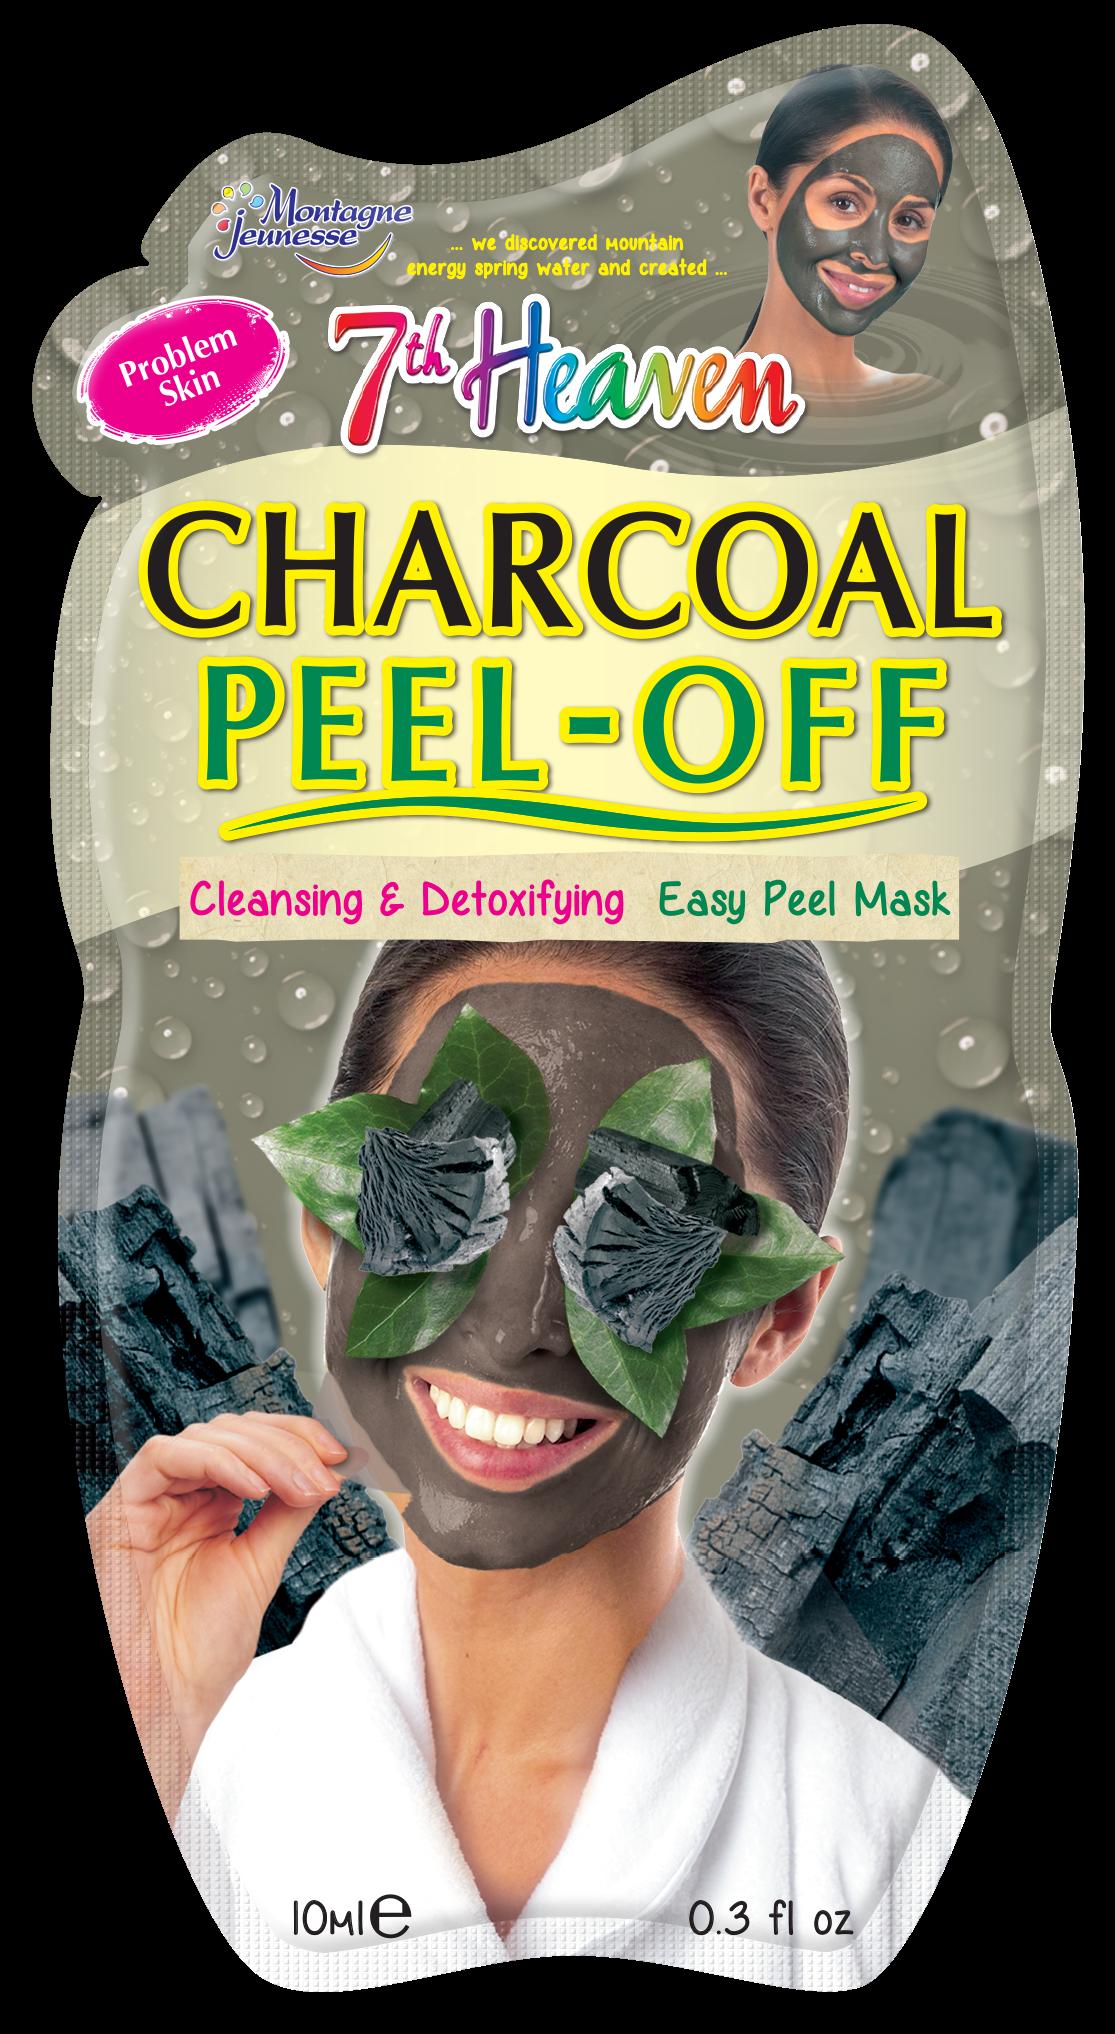 7th Heaven Charcoal Peel-Off Mask